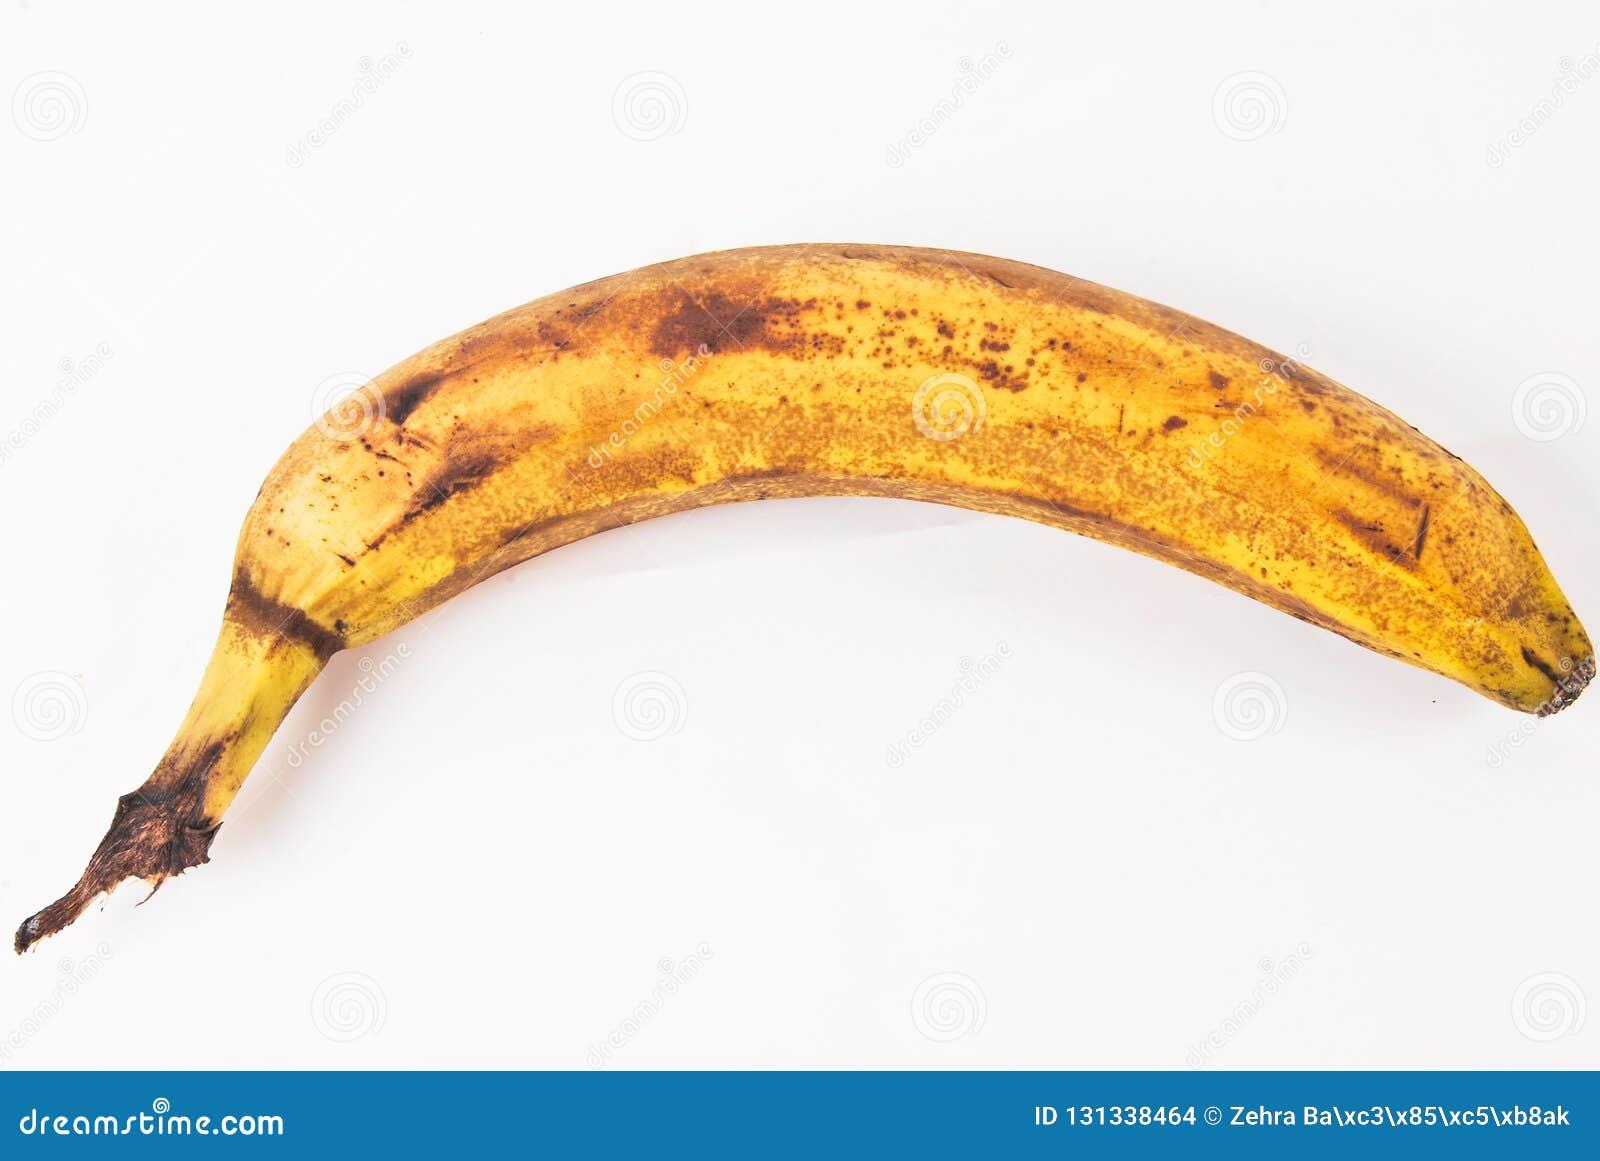 Eine alte Banane, die angefangen hat zu verfallen